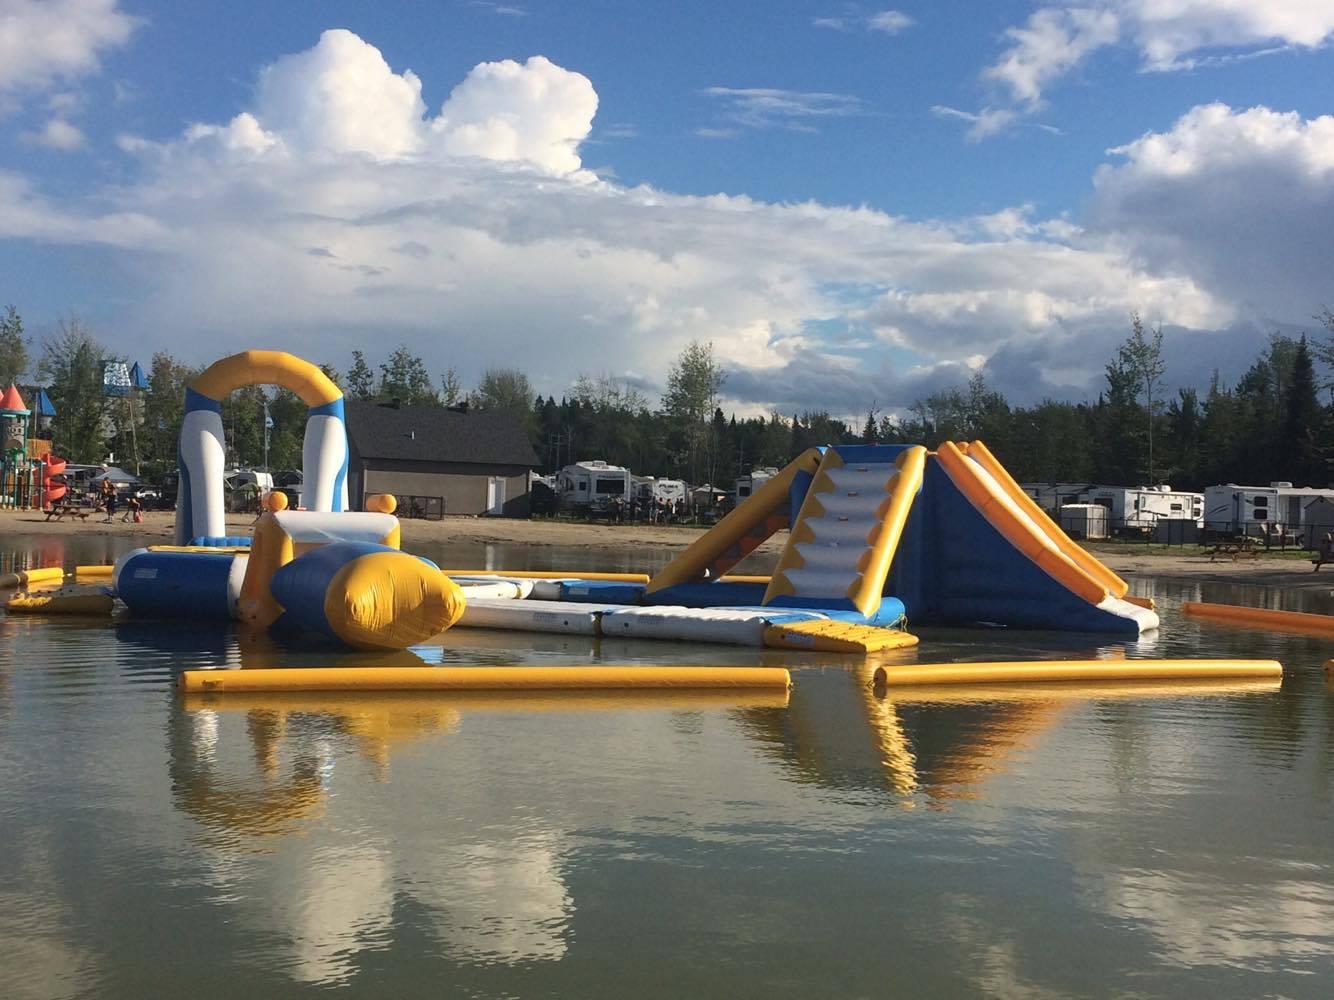 https://www.parc-aquatique.com/wp-content/uploads/2017/07/parcours-gonflable-lac-complexe-atlantide-4.jpg